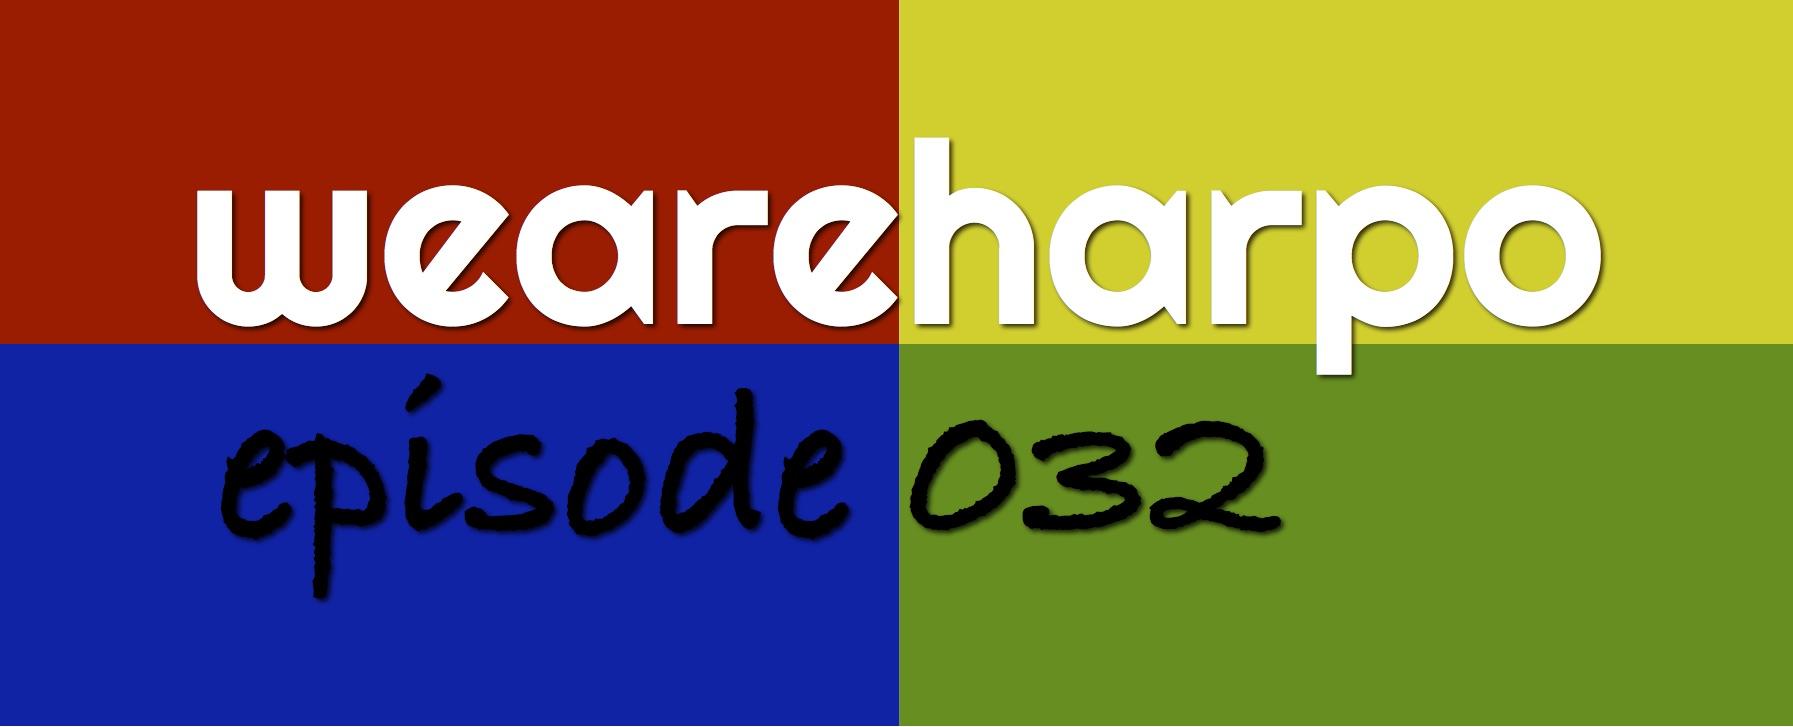 episode-32-logo